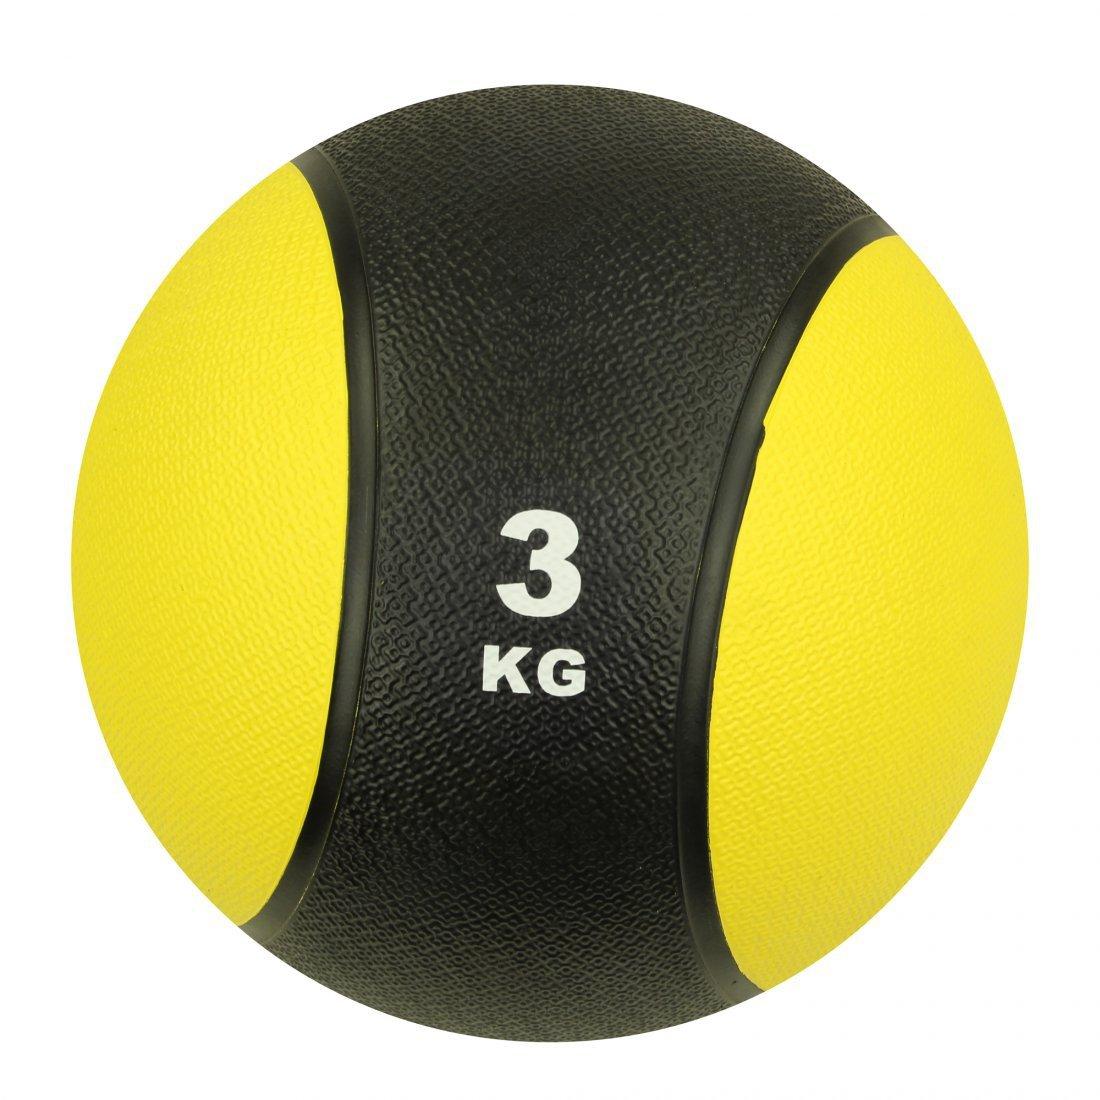 Carnegie 3kg Balón Medicinal Fitness–Pelota de balón de Crossfit, Entrenamiento de la Fuerza CAVPX|#Carnegie Fitness 527643